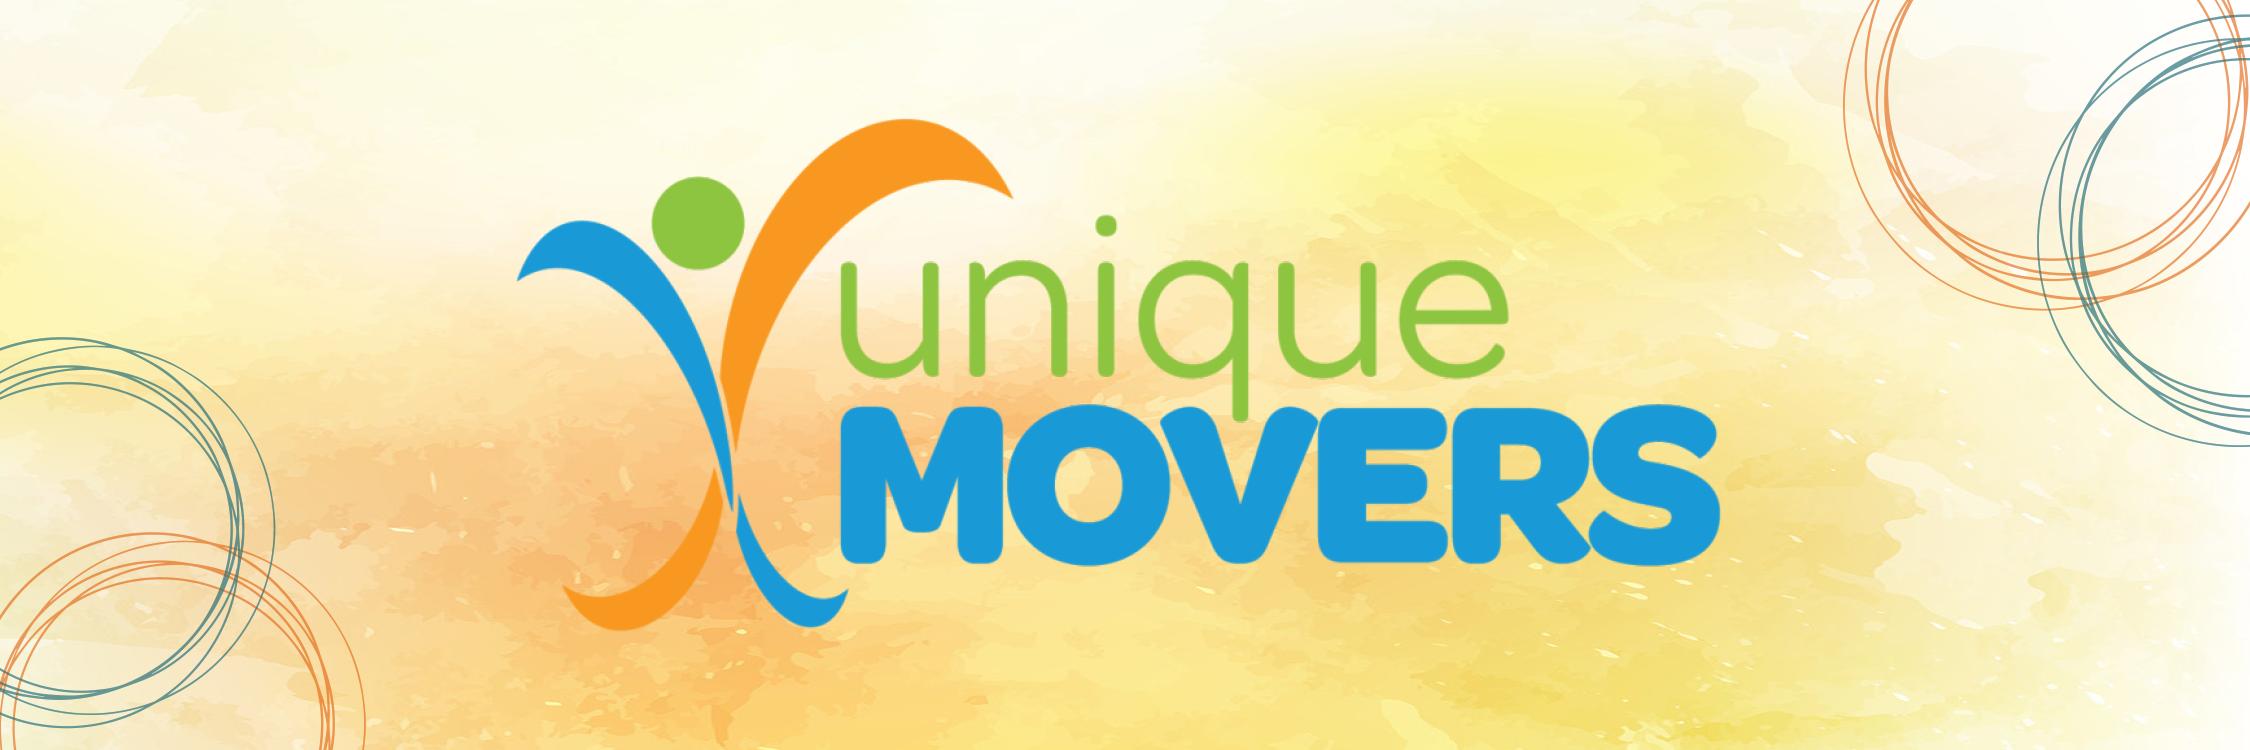 Unique Movers Headline